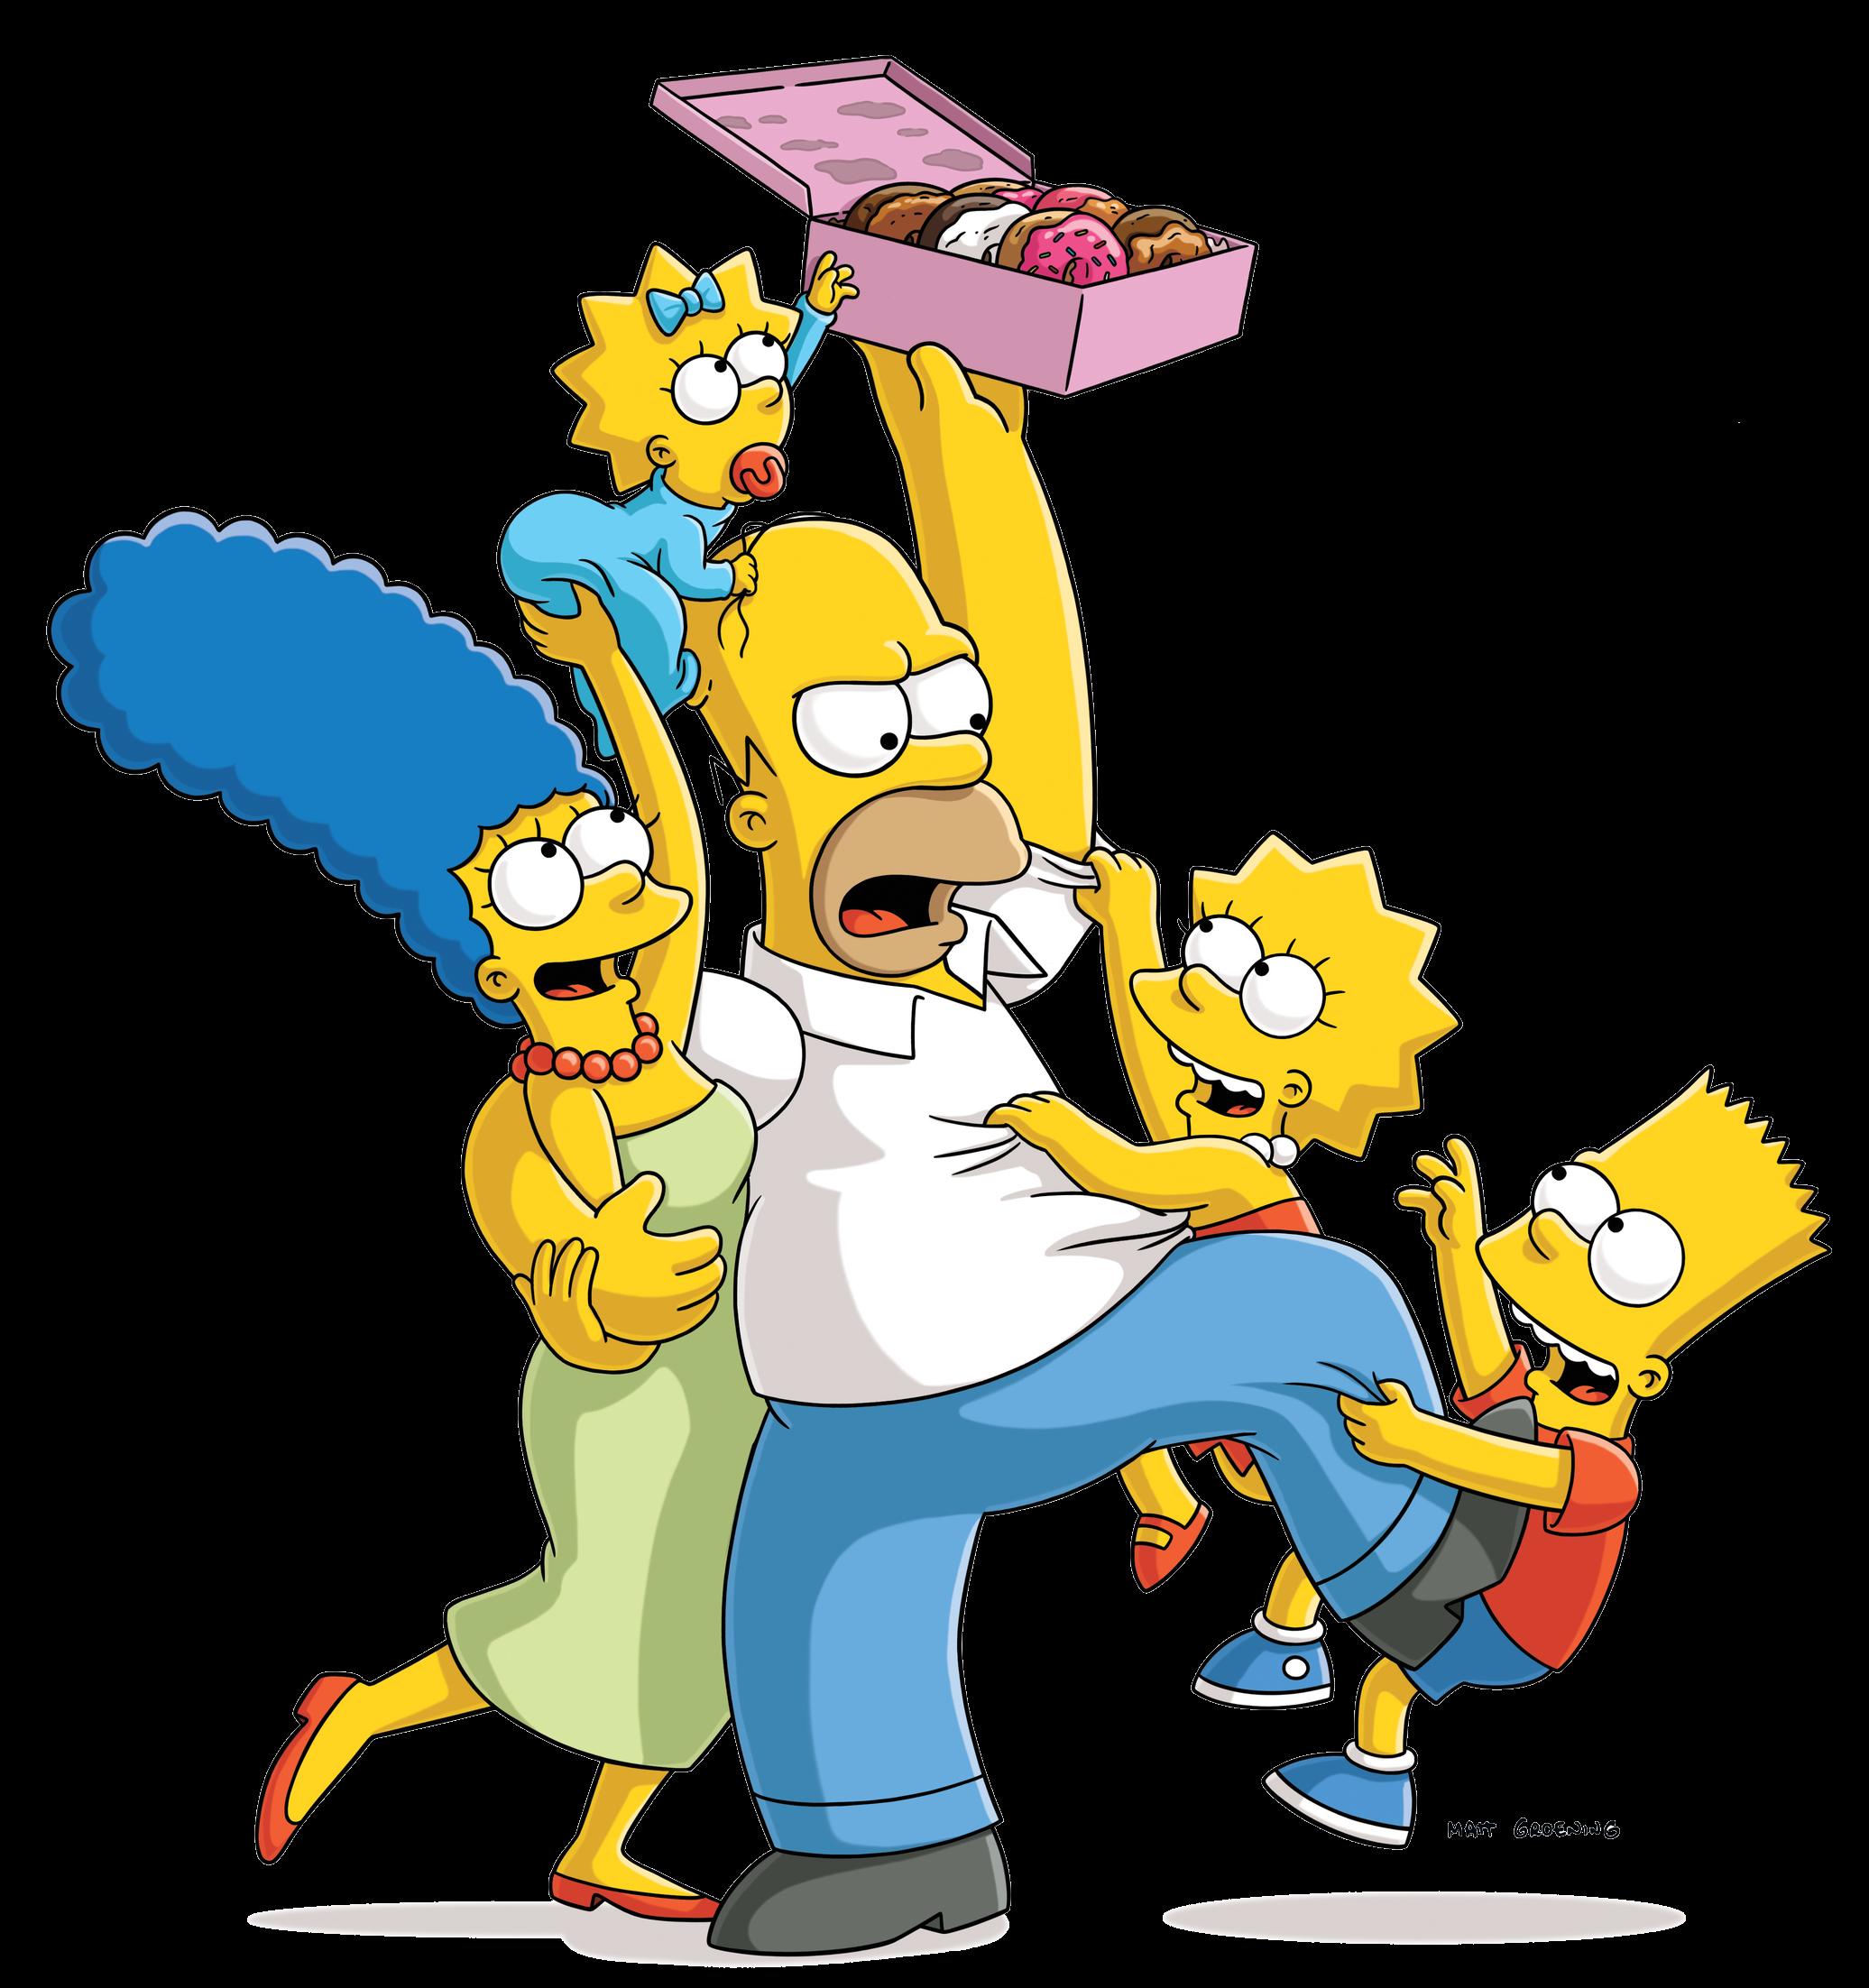 Simpsons png images free. Fotos de los simpson clipart